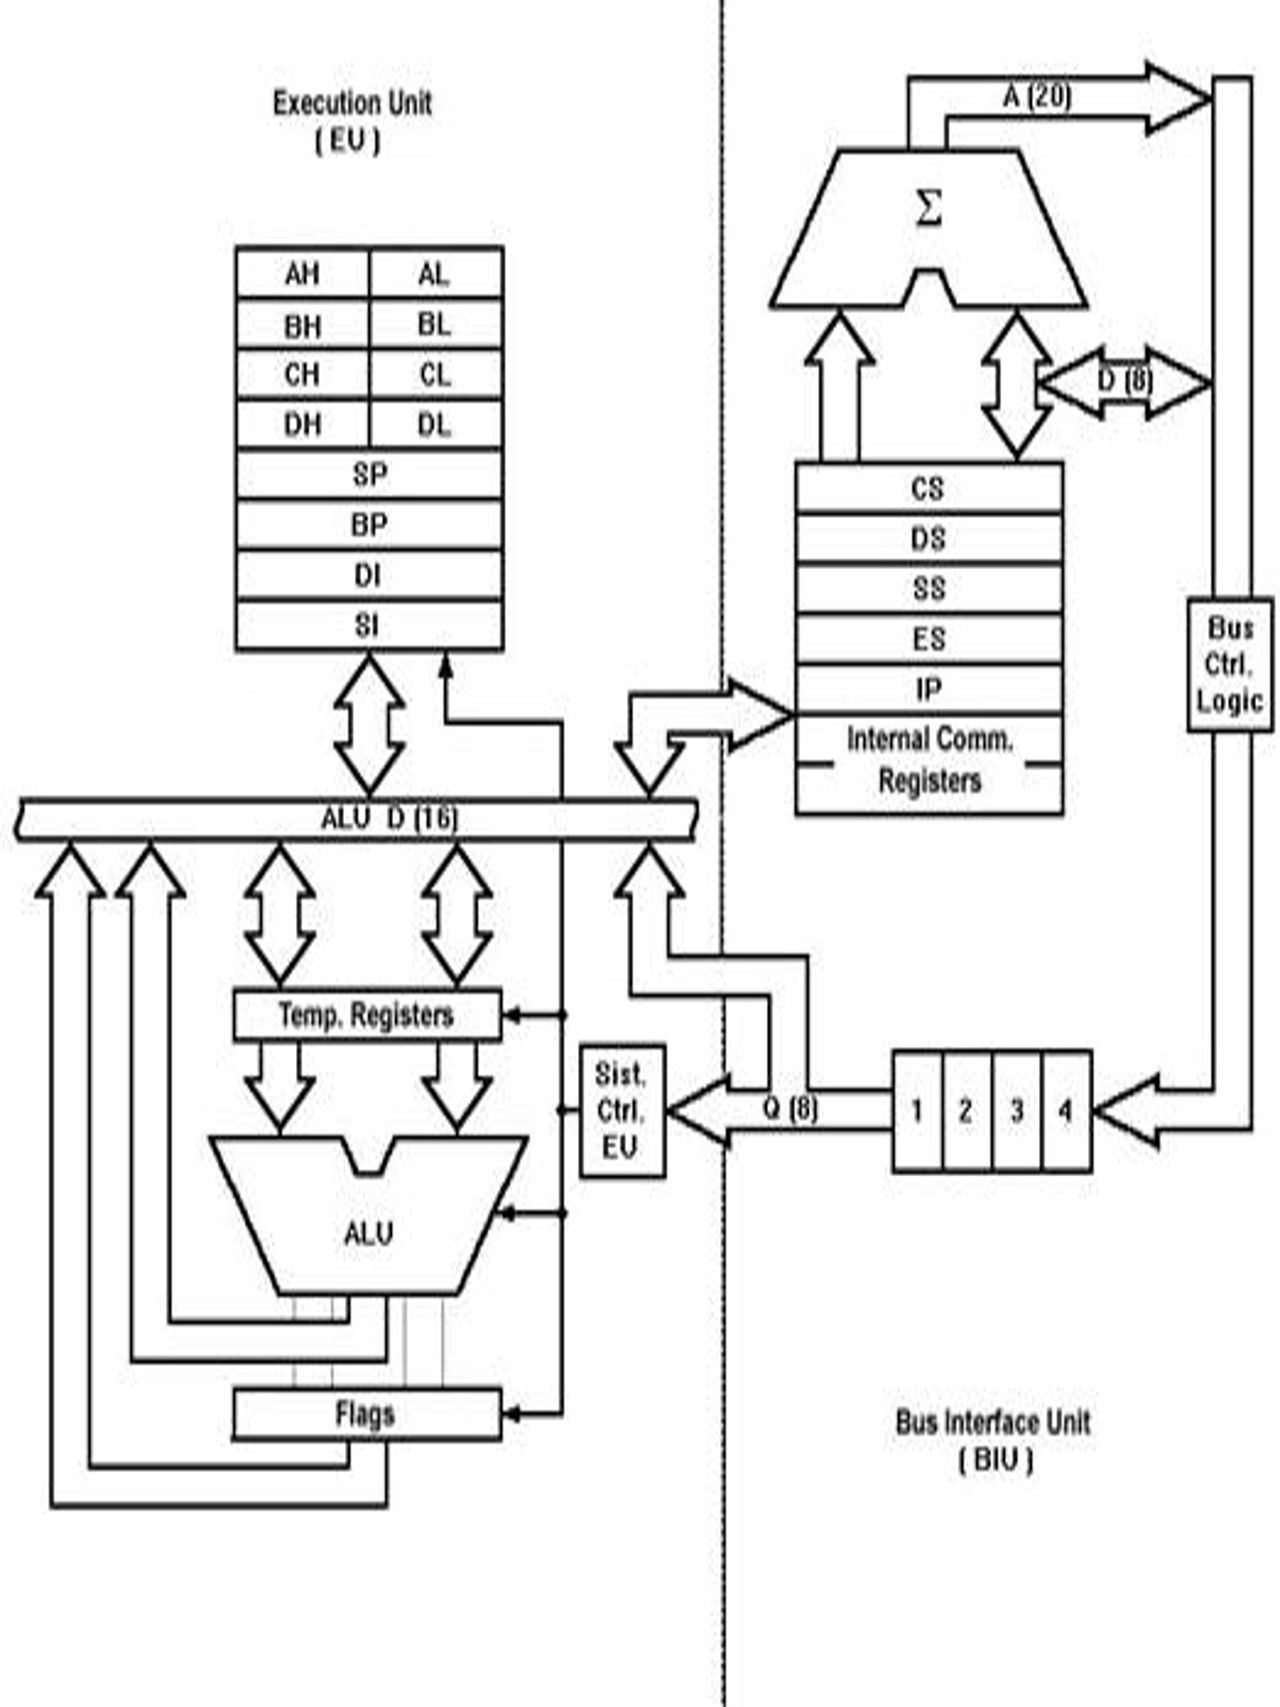 Intel 8088/8086 microprocessor architecture Computer Science